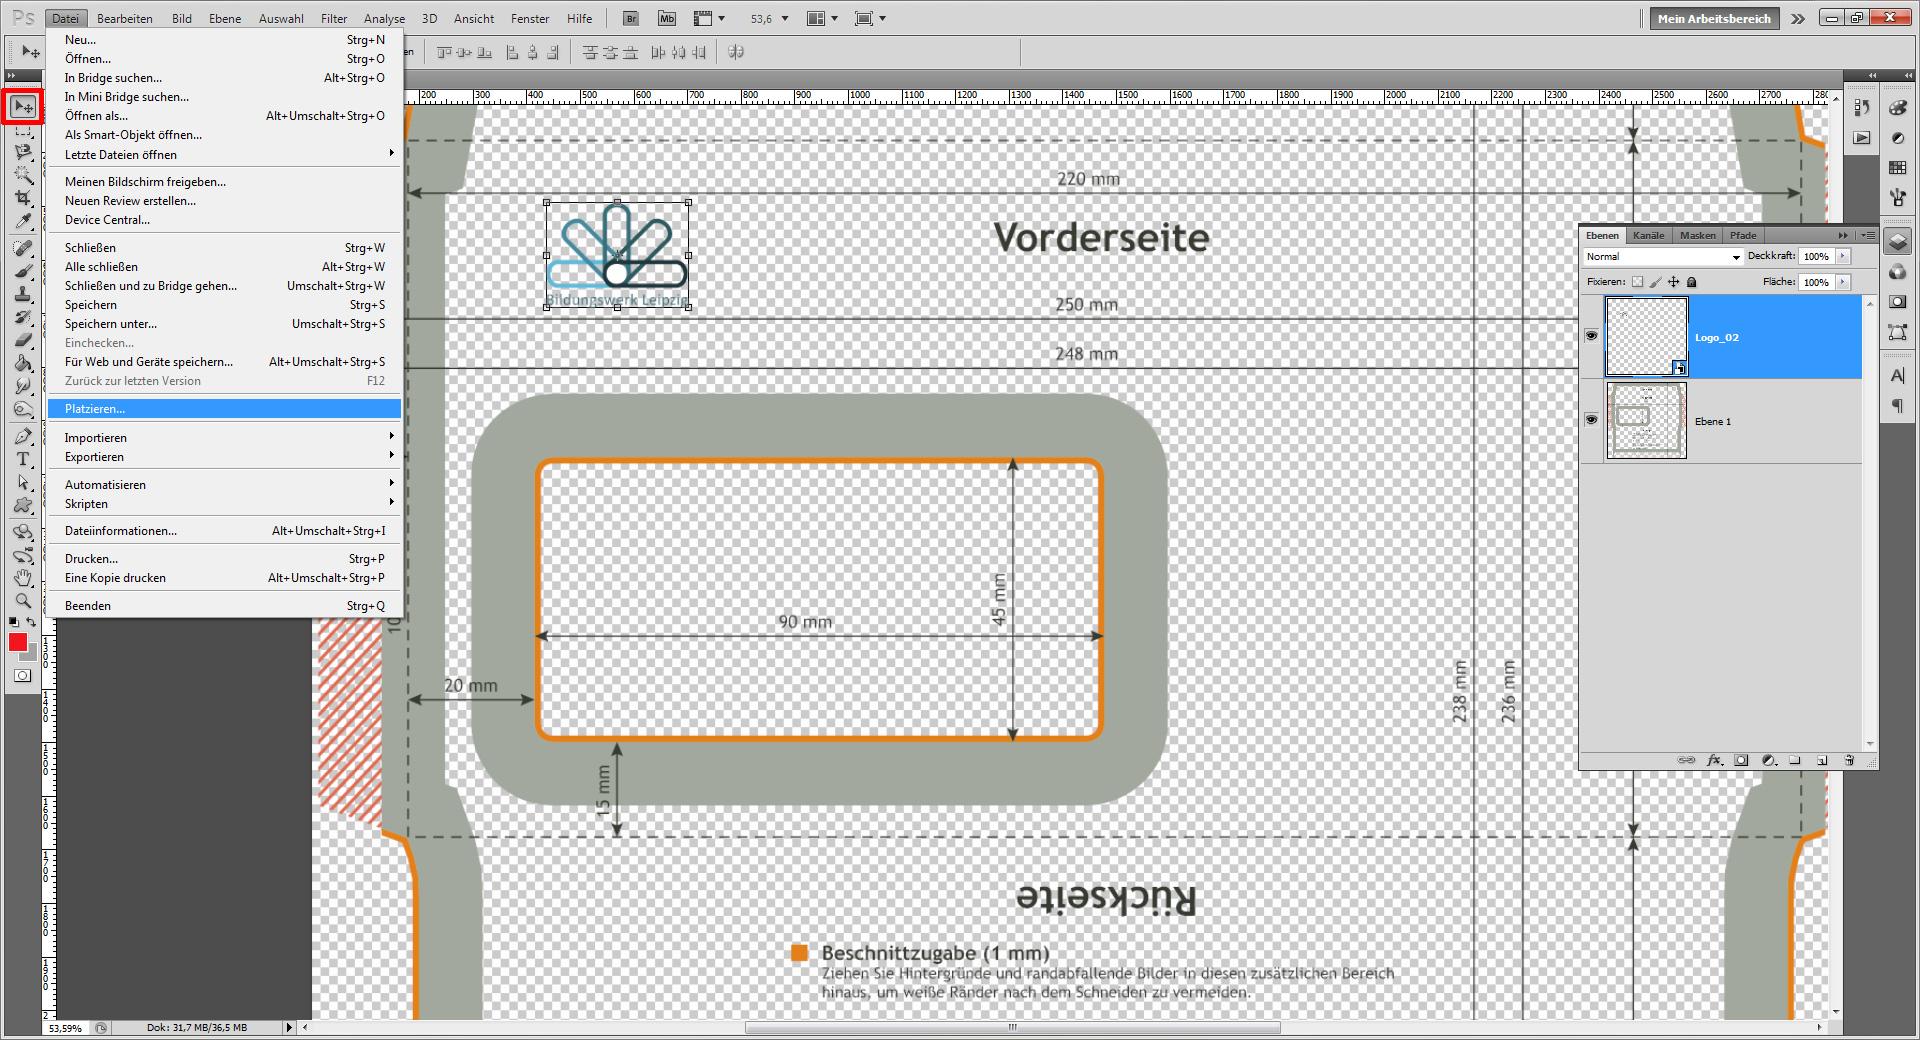 Schön Umschlag Vorlage Photoshop Bilder - Entry Level Resume ...